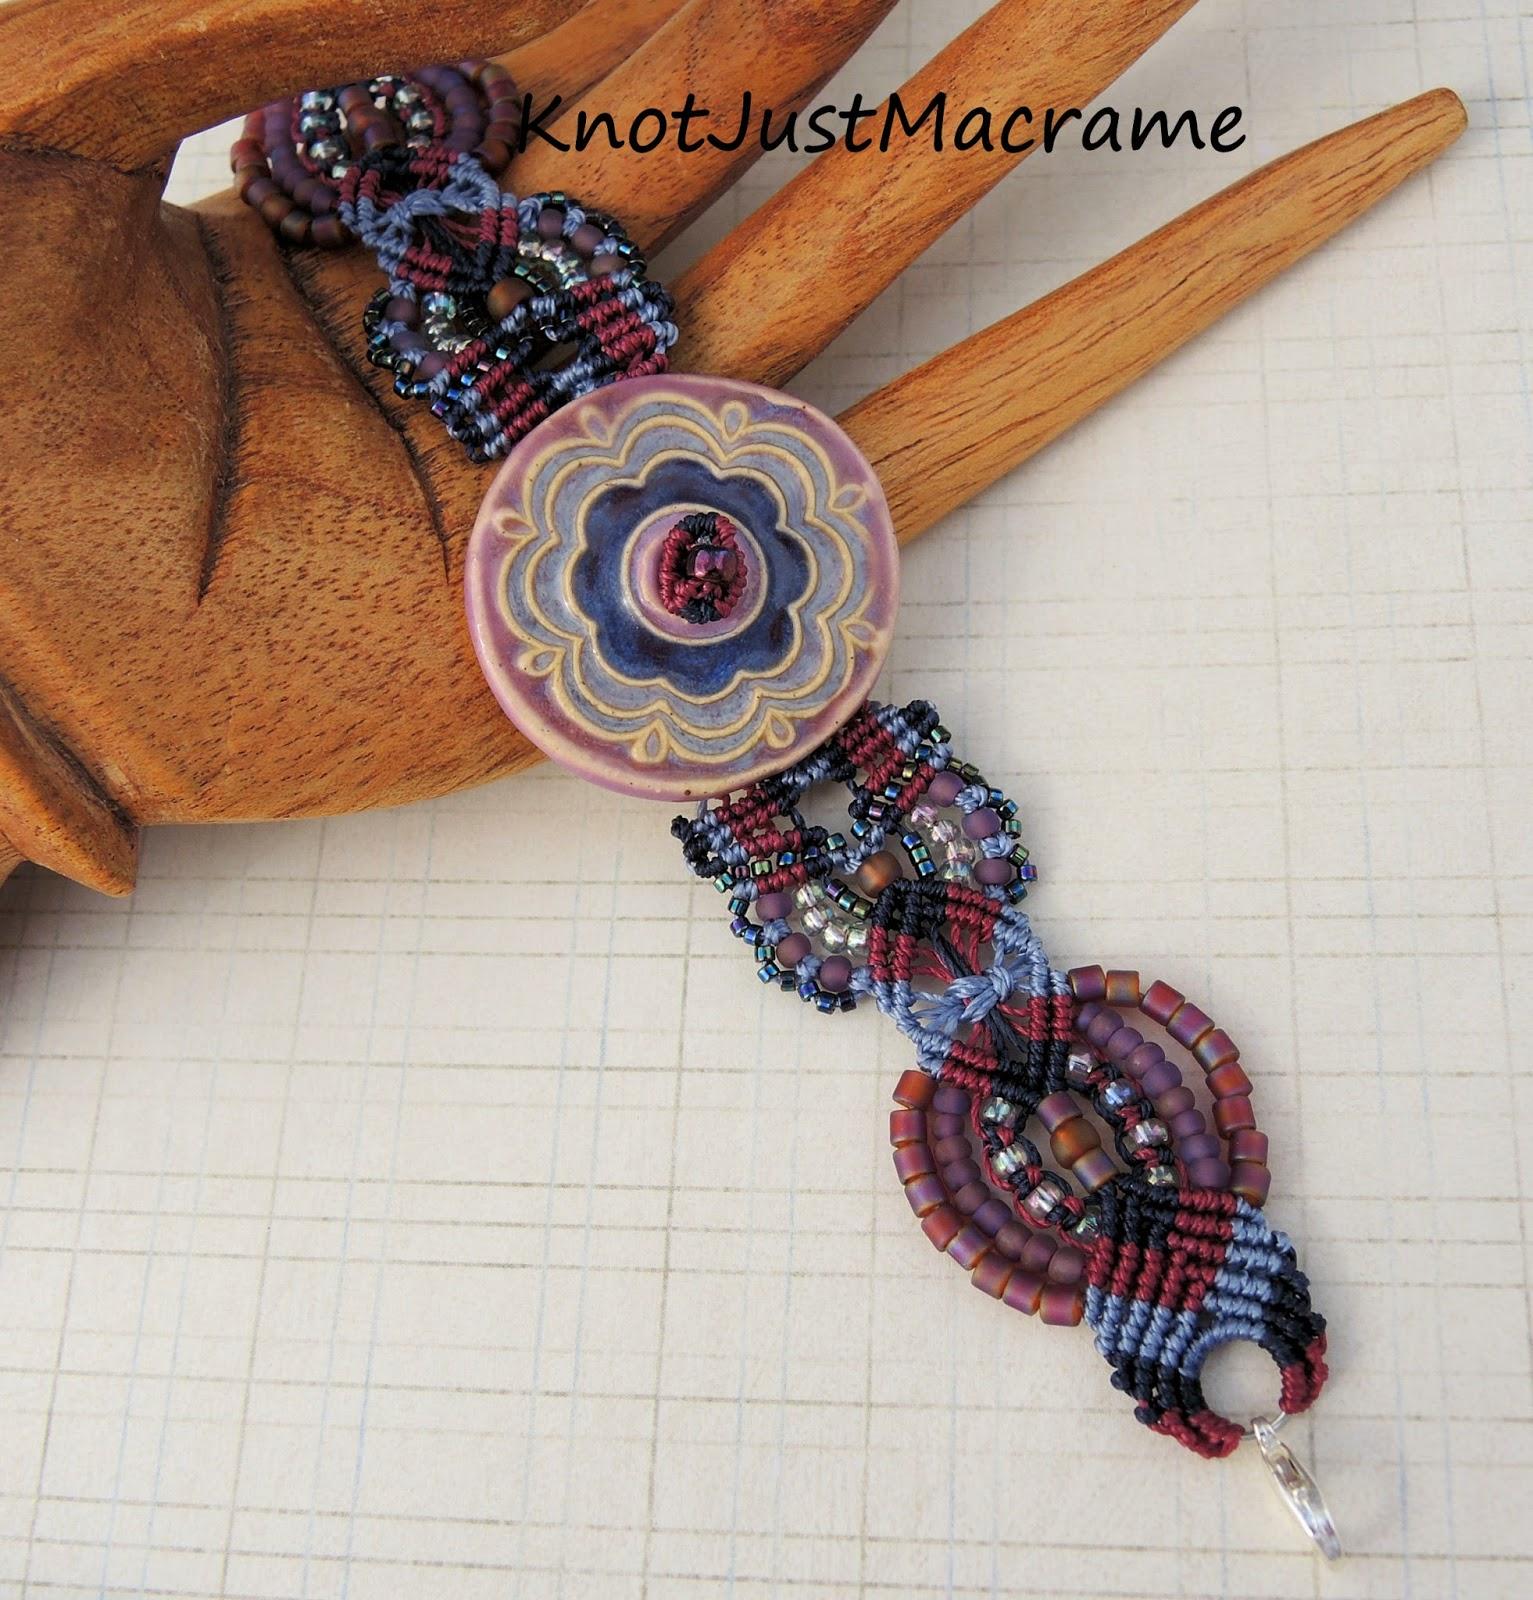 Macrame bracelet by Sherri Stokey with ceramic focal by Tracee Dock